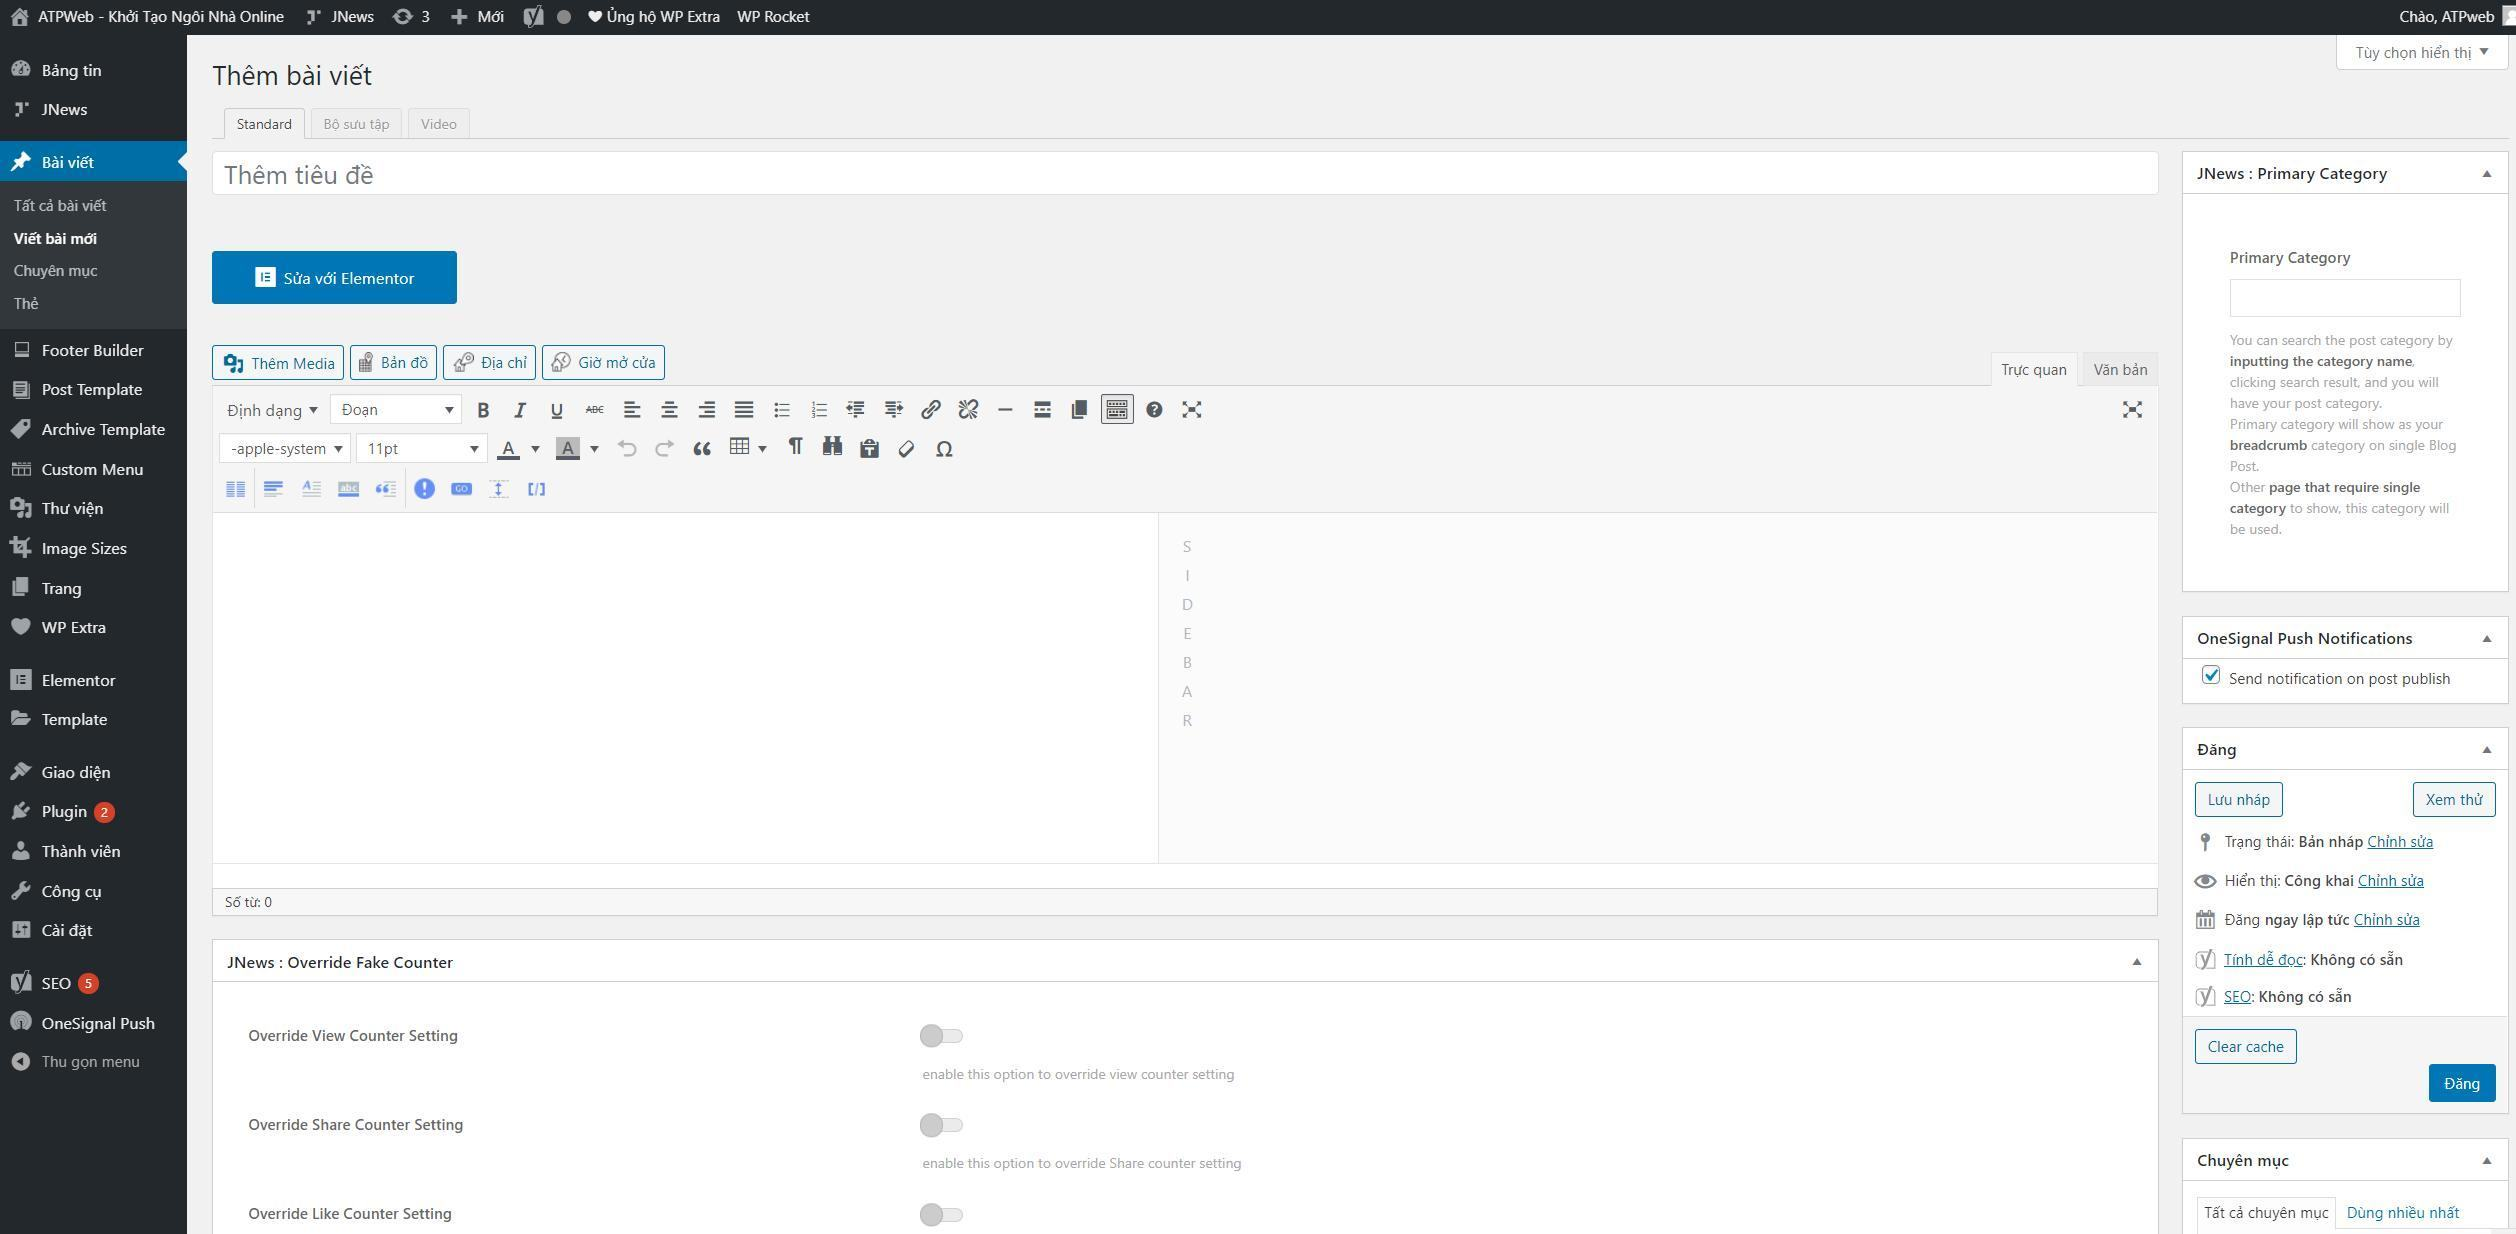 Hướng dẫn cách tạo một bài viết mới trong WordPress đơn giản